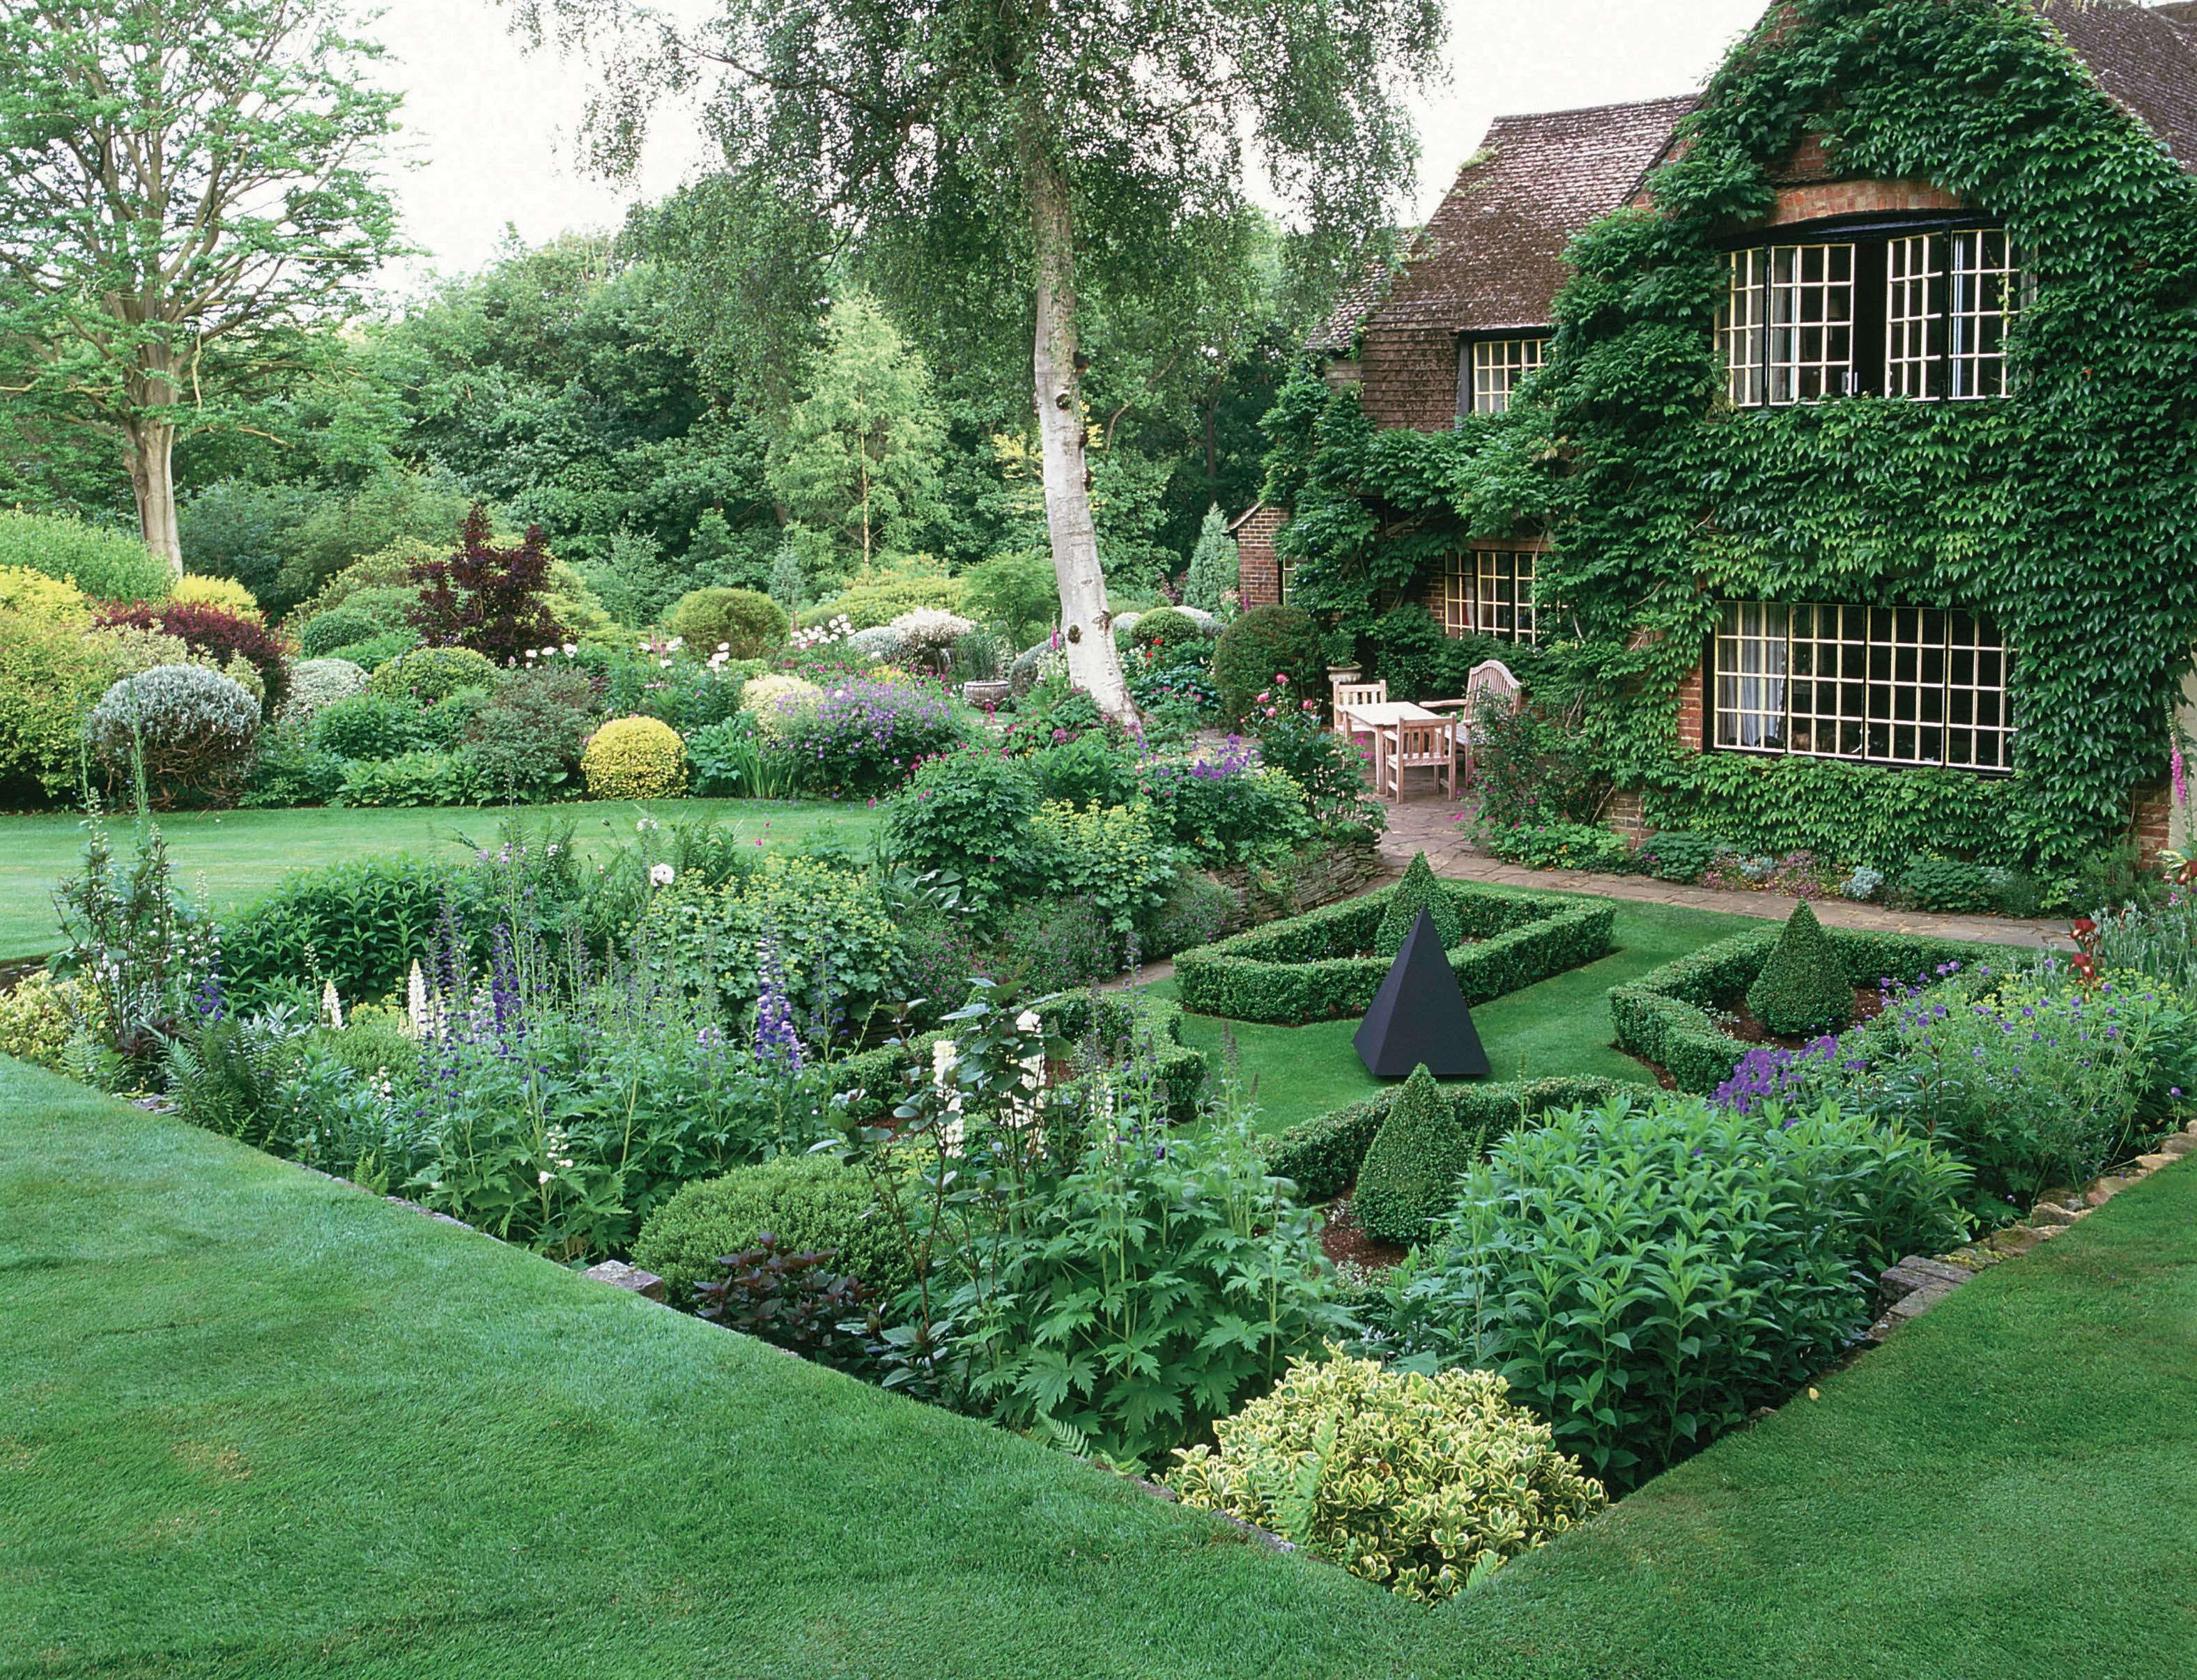 красиво оформленные садовые участки фото клубе